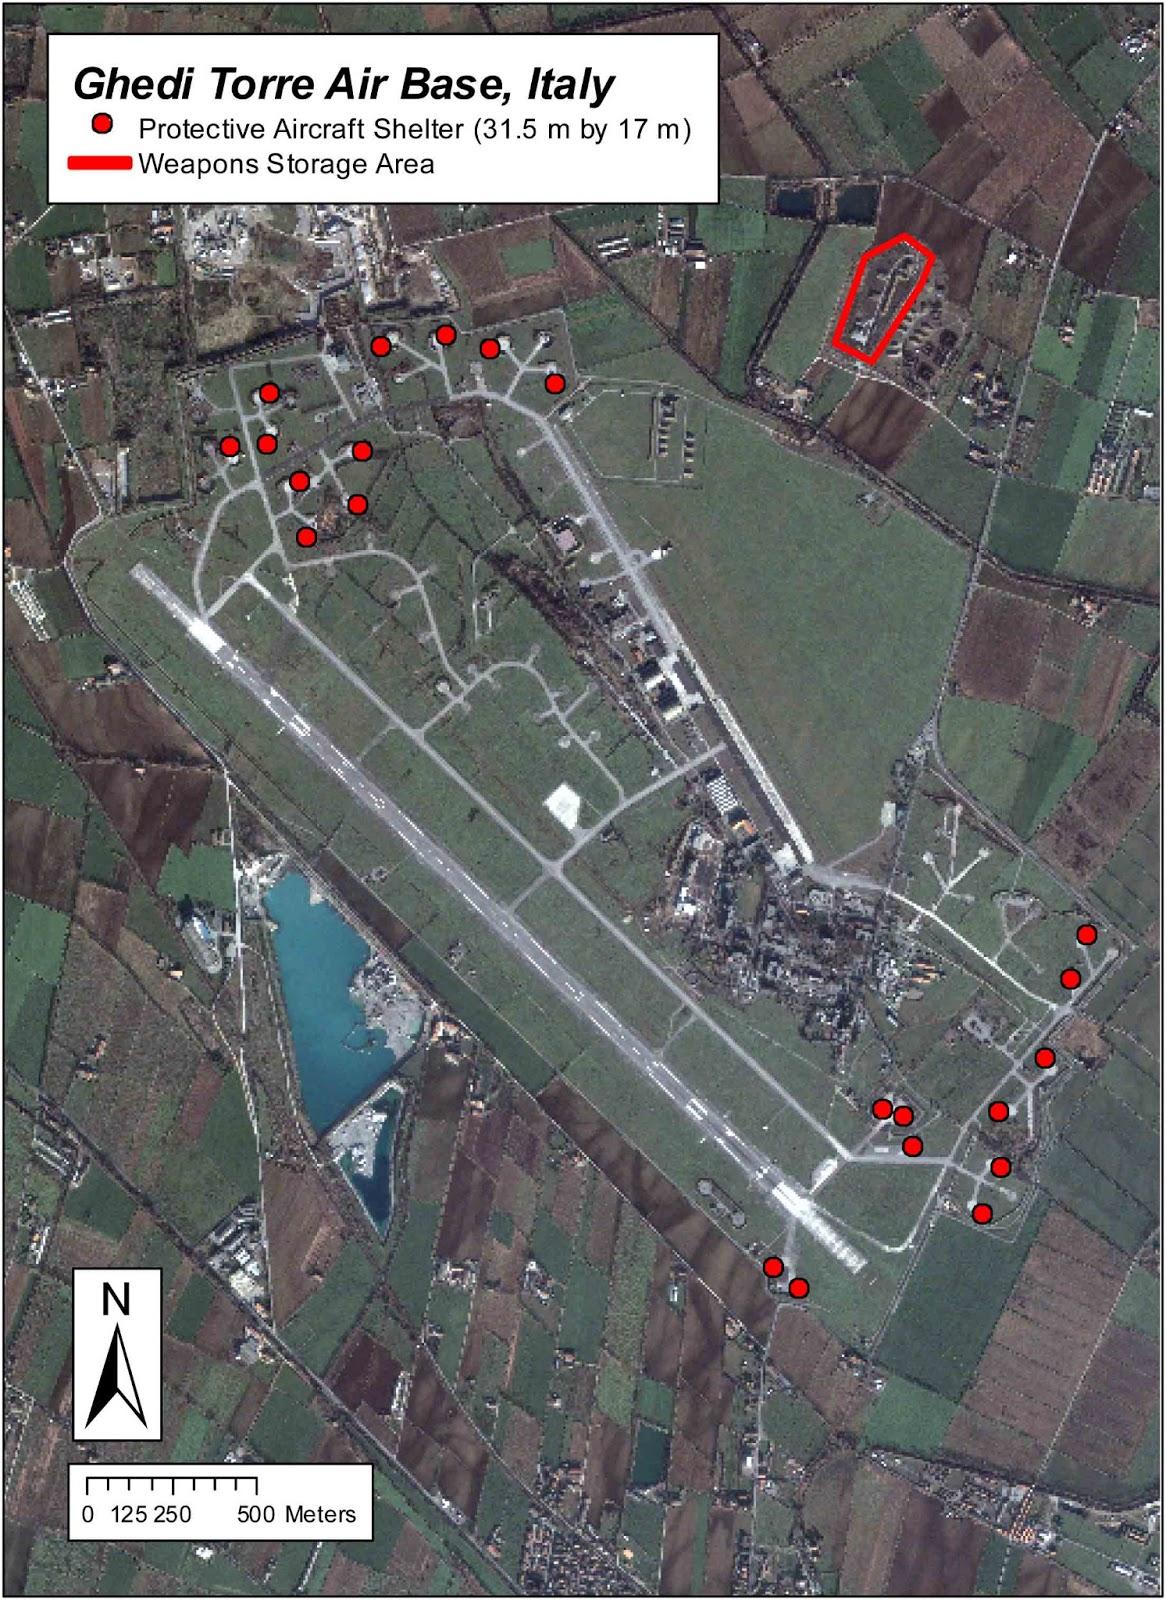 Aeroporto Ghedi : Italia pericoli segreti e tabu delle bombe nucleari